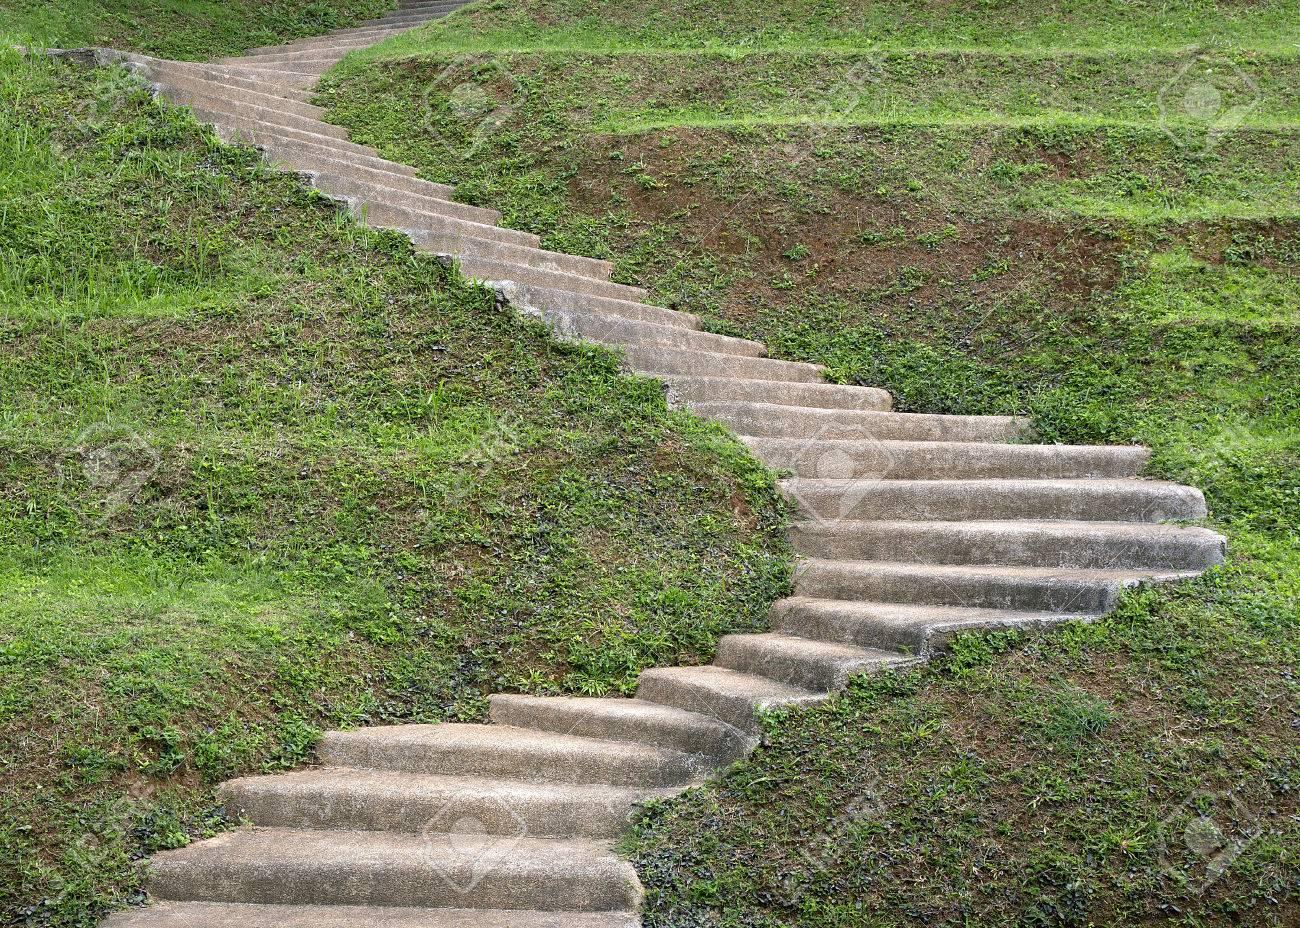 Béton en escalier vers la colline de jardin